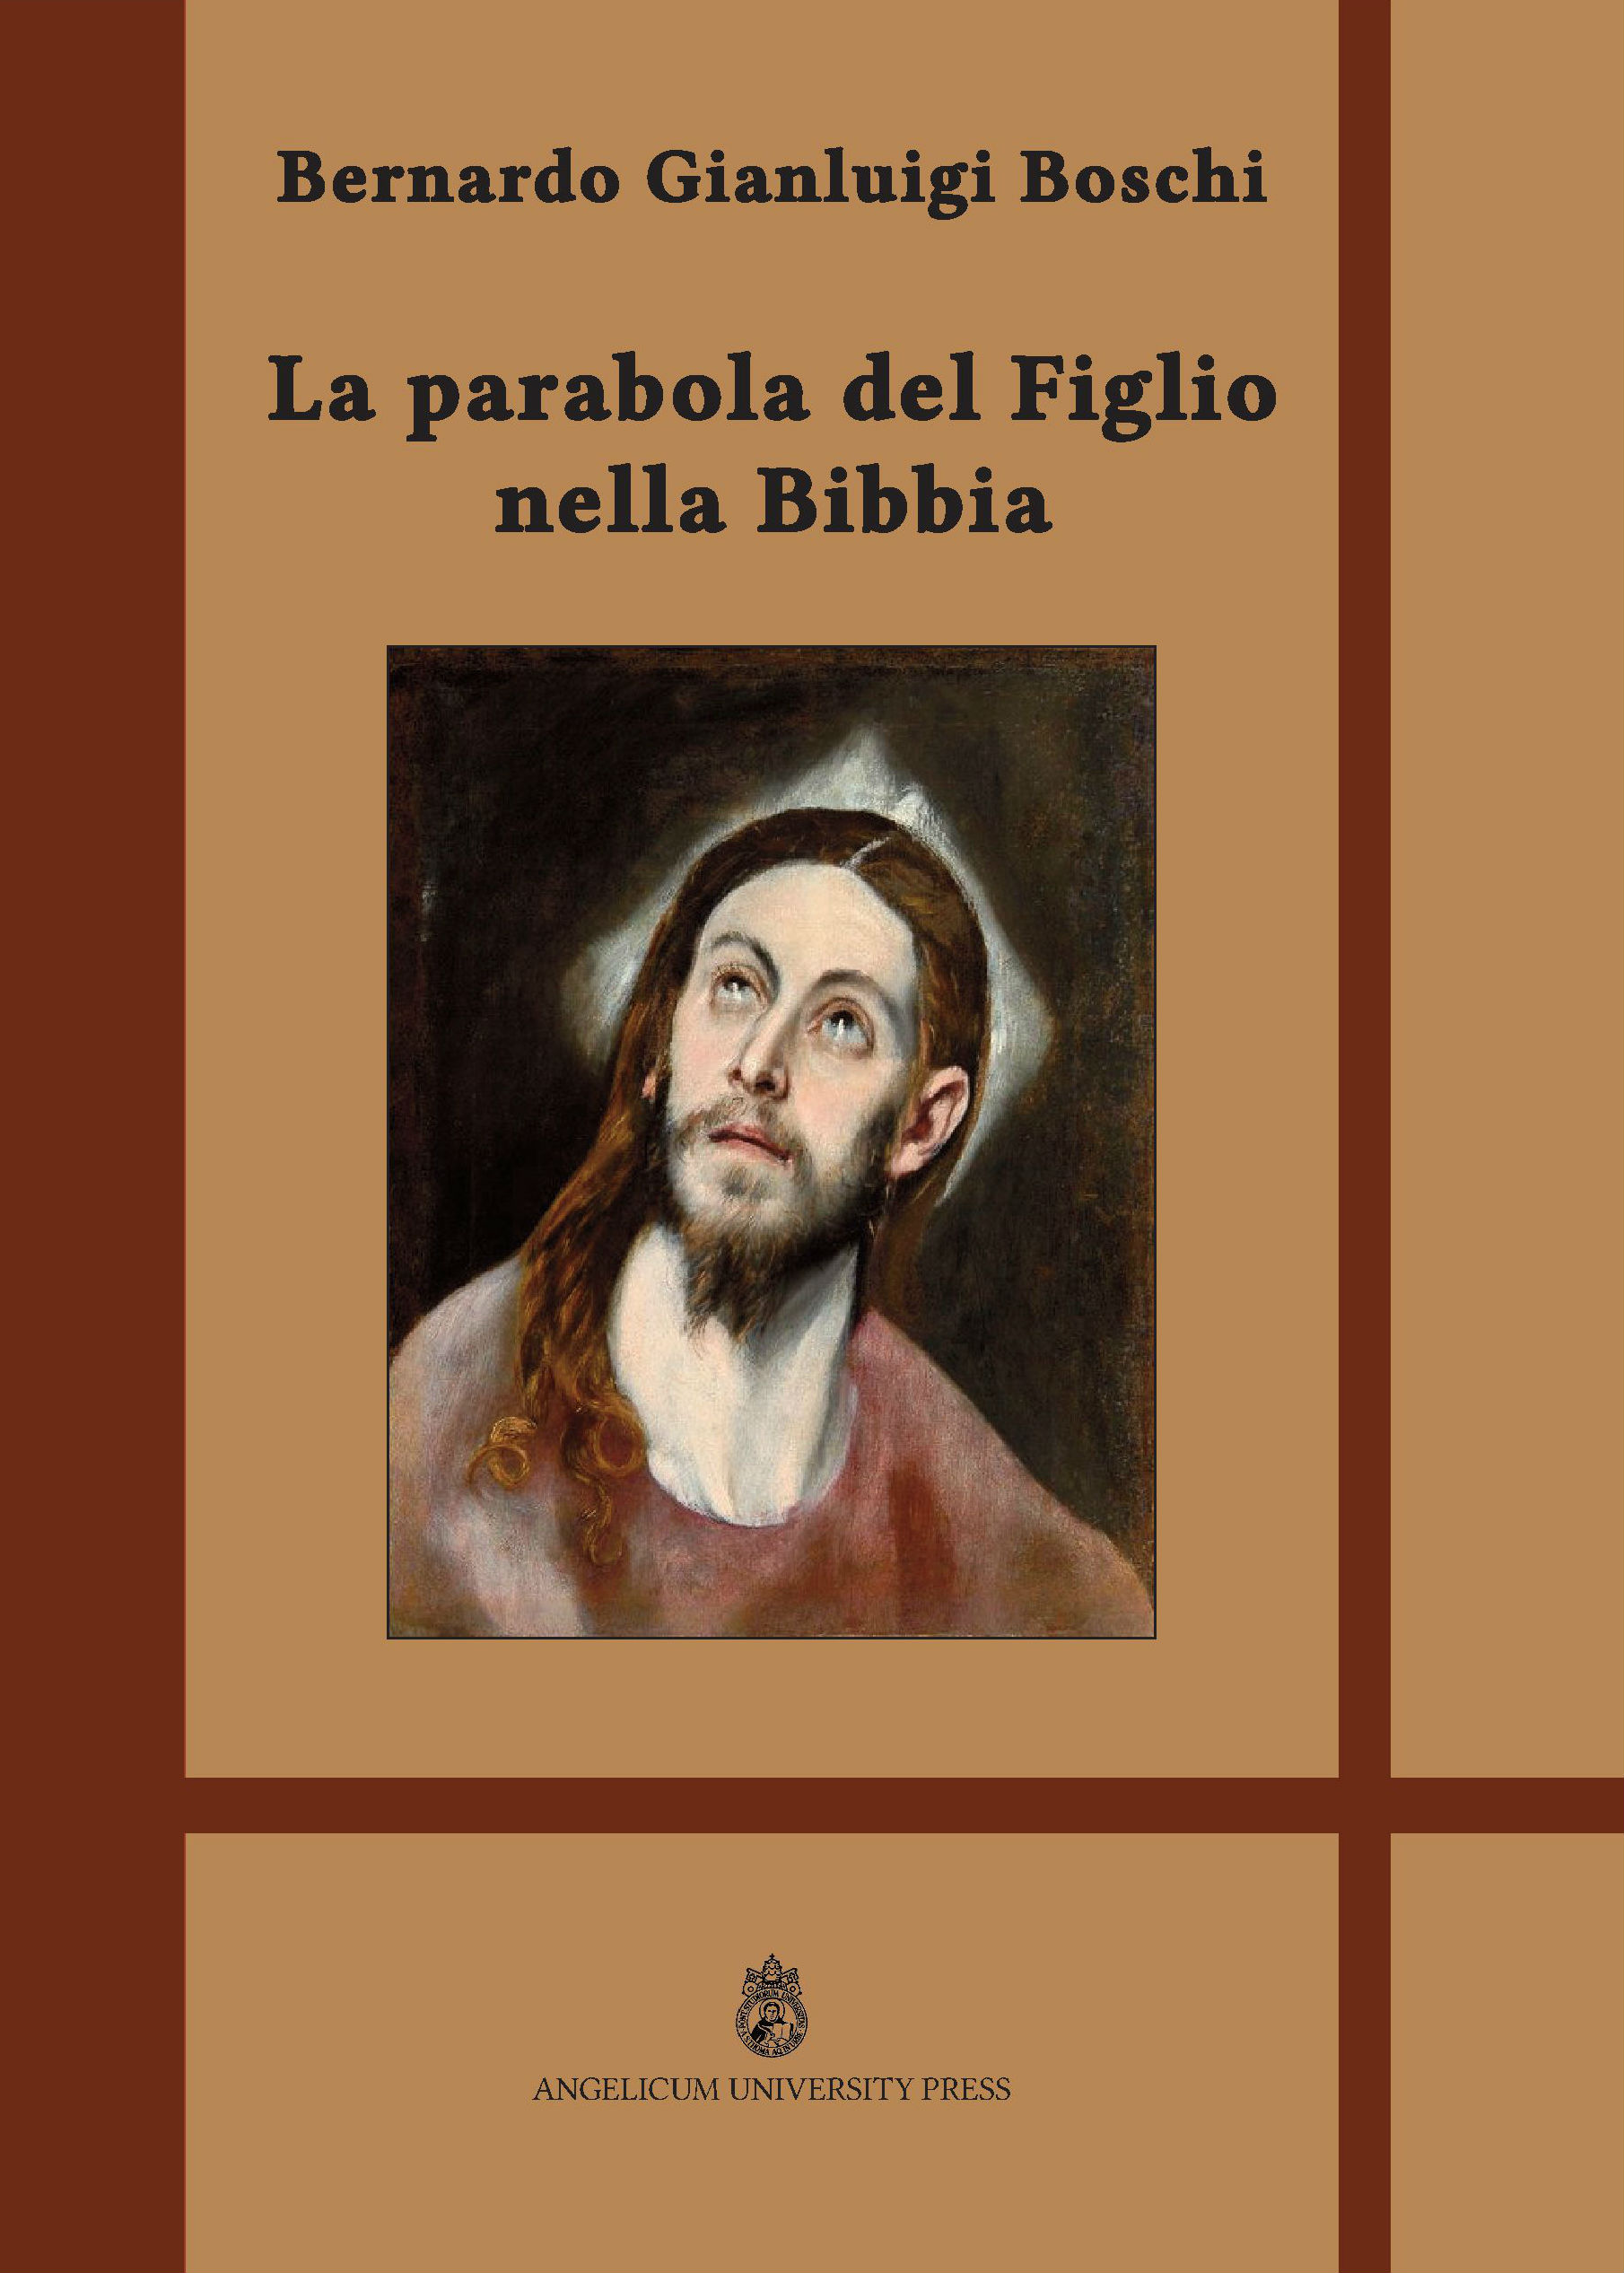 La Parabola del Figlio nella Bibbia book cover